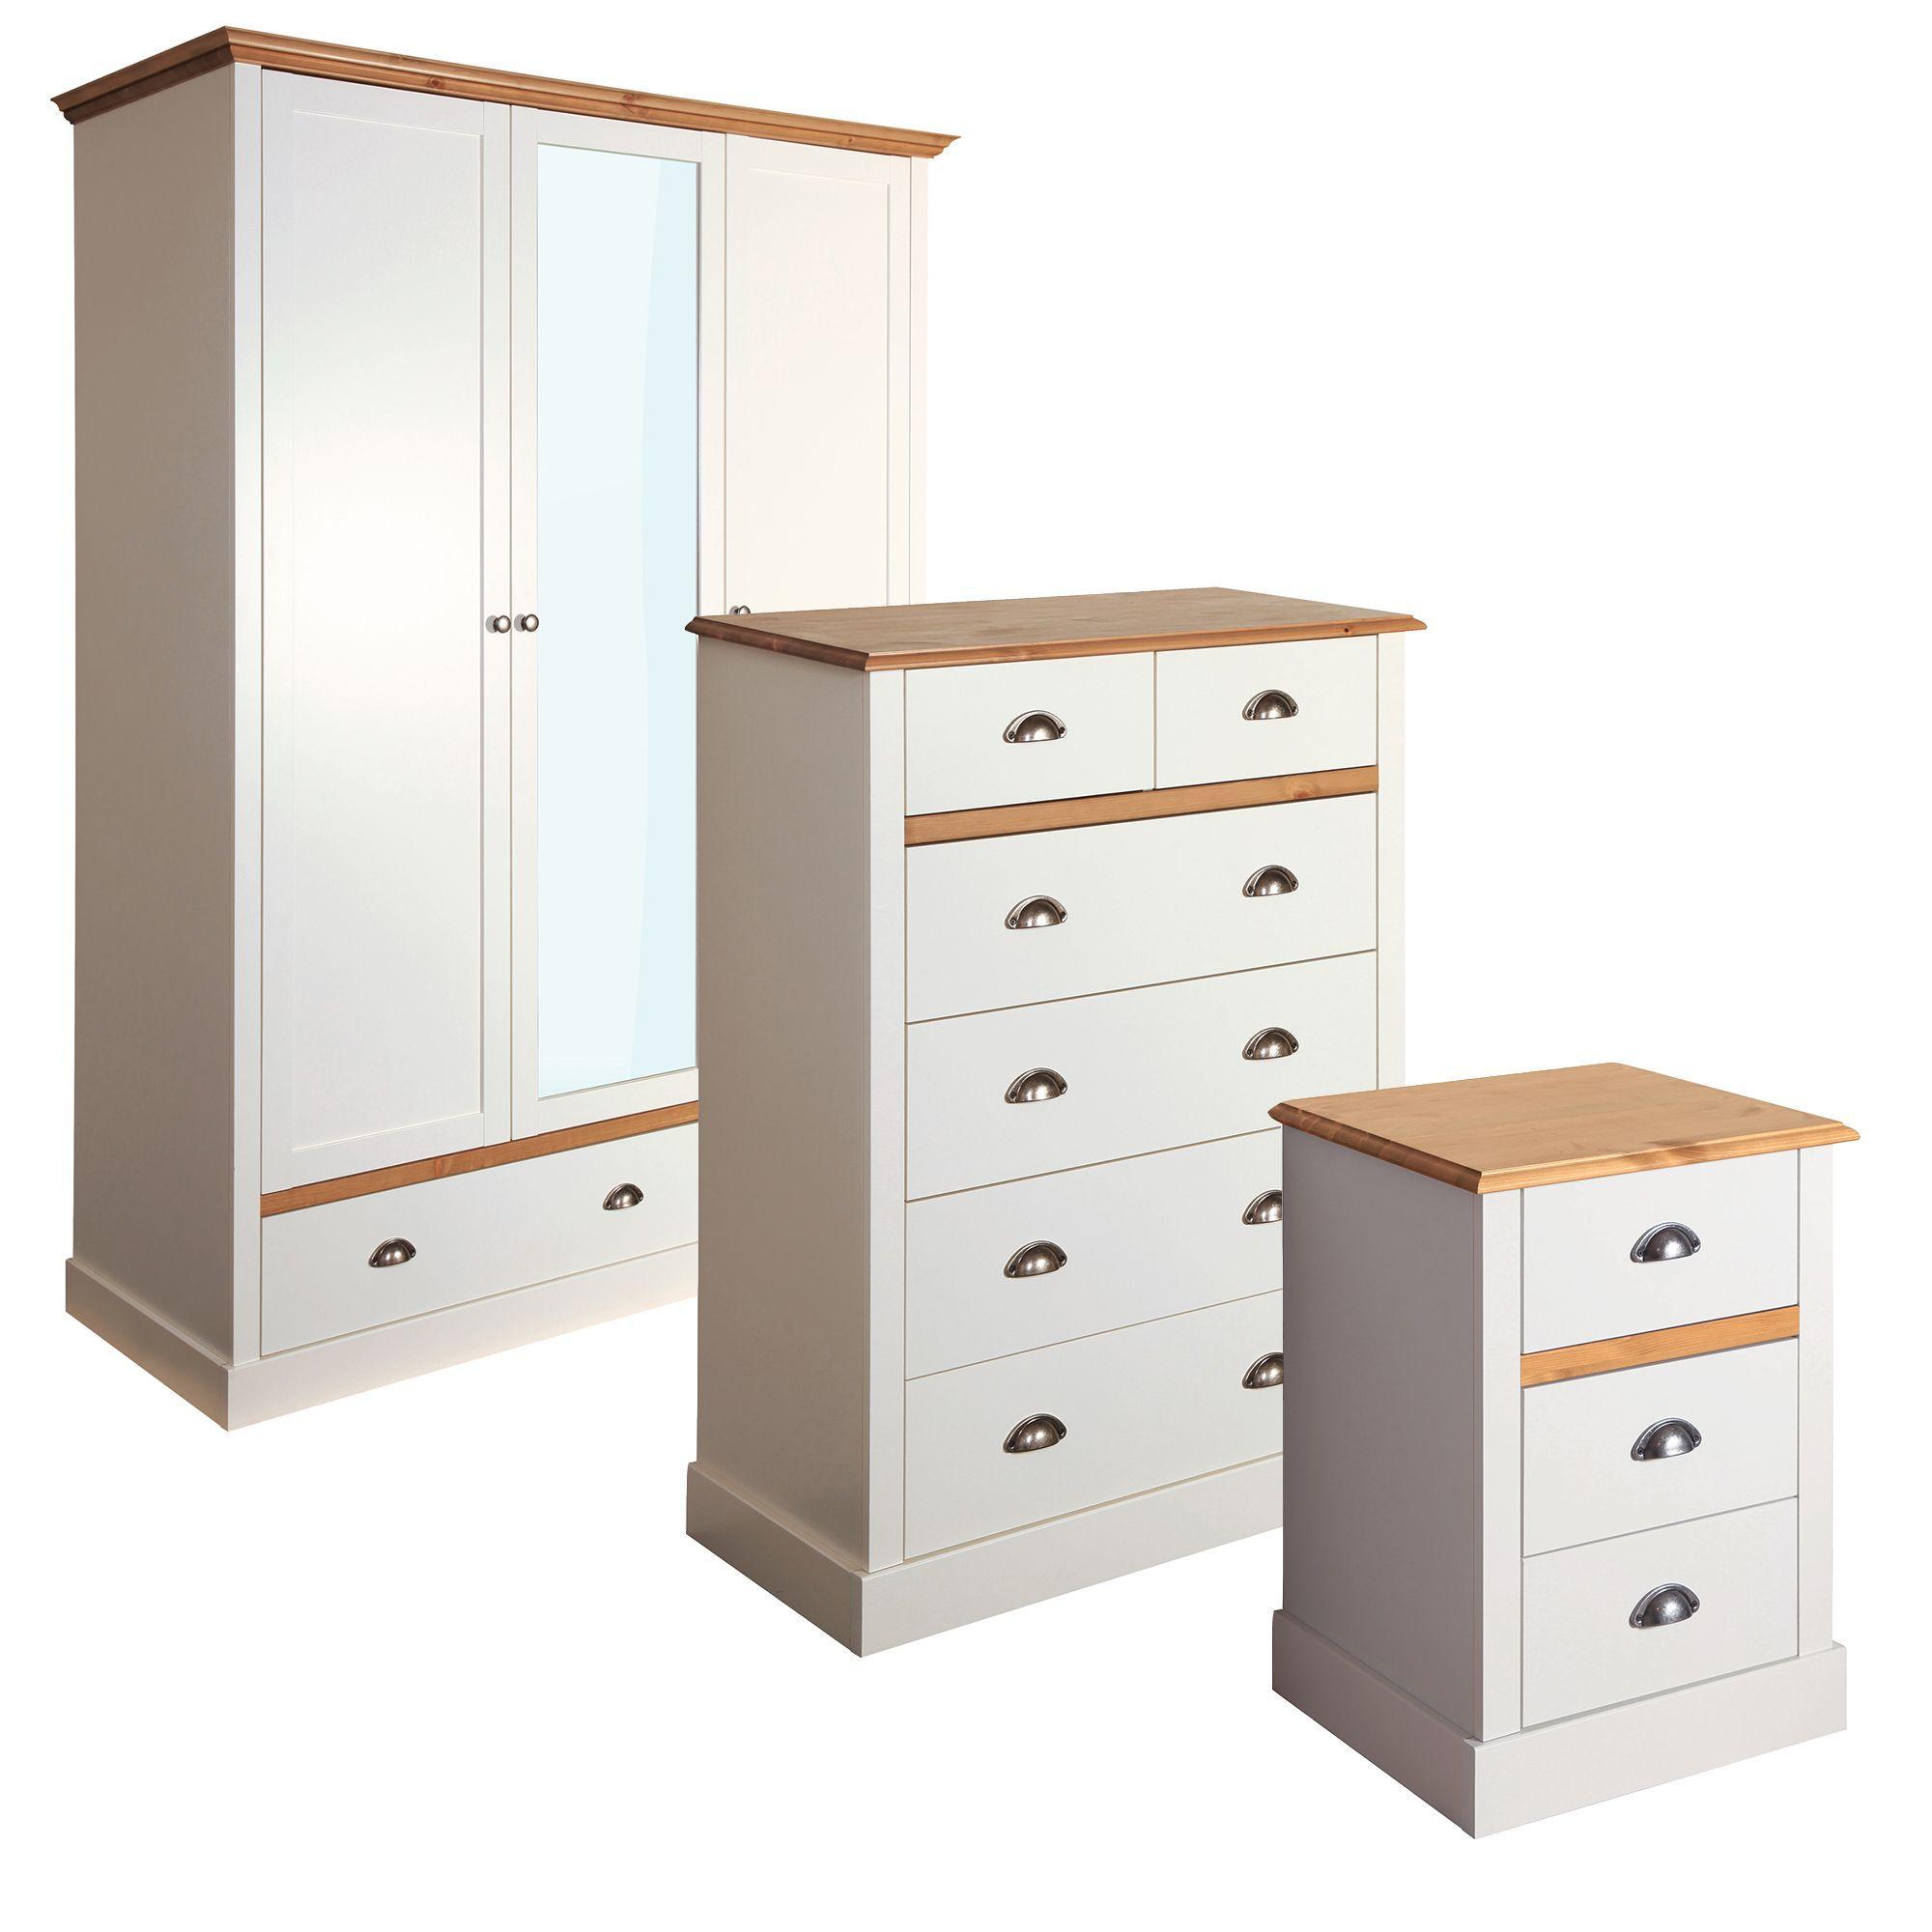 hemsworth cream oak effect 3 piece bedroom furniture set - 3 Piece Bedroom Furniture Set